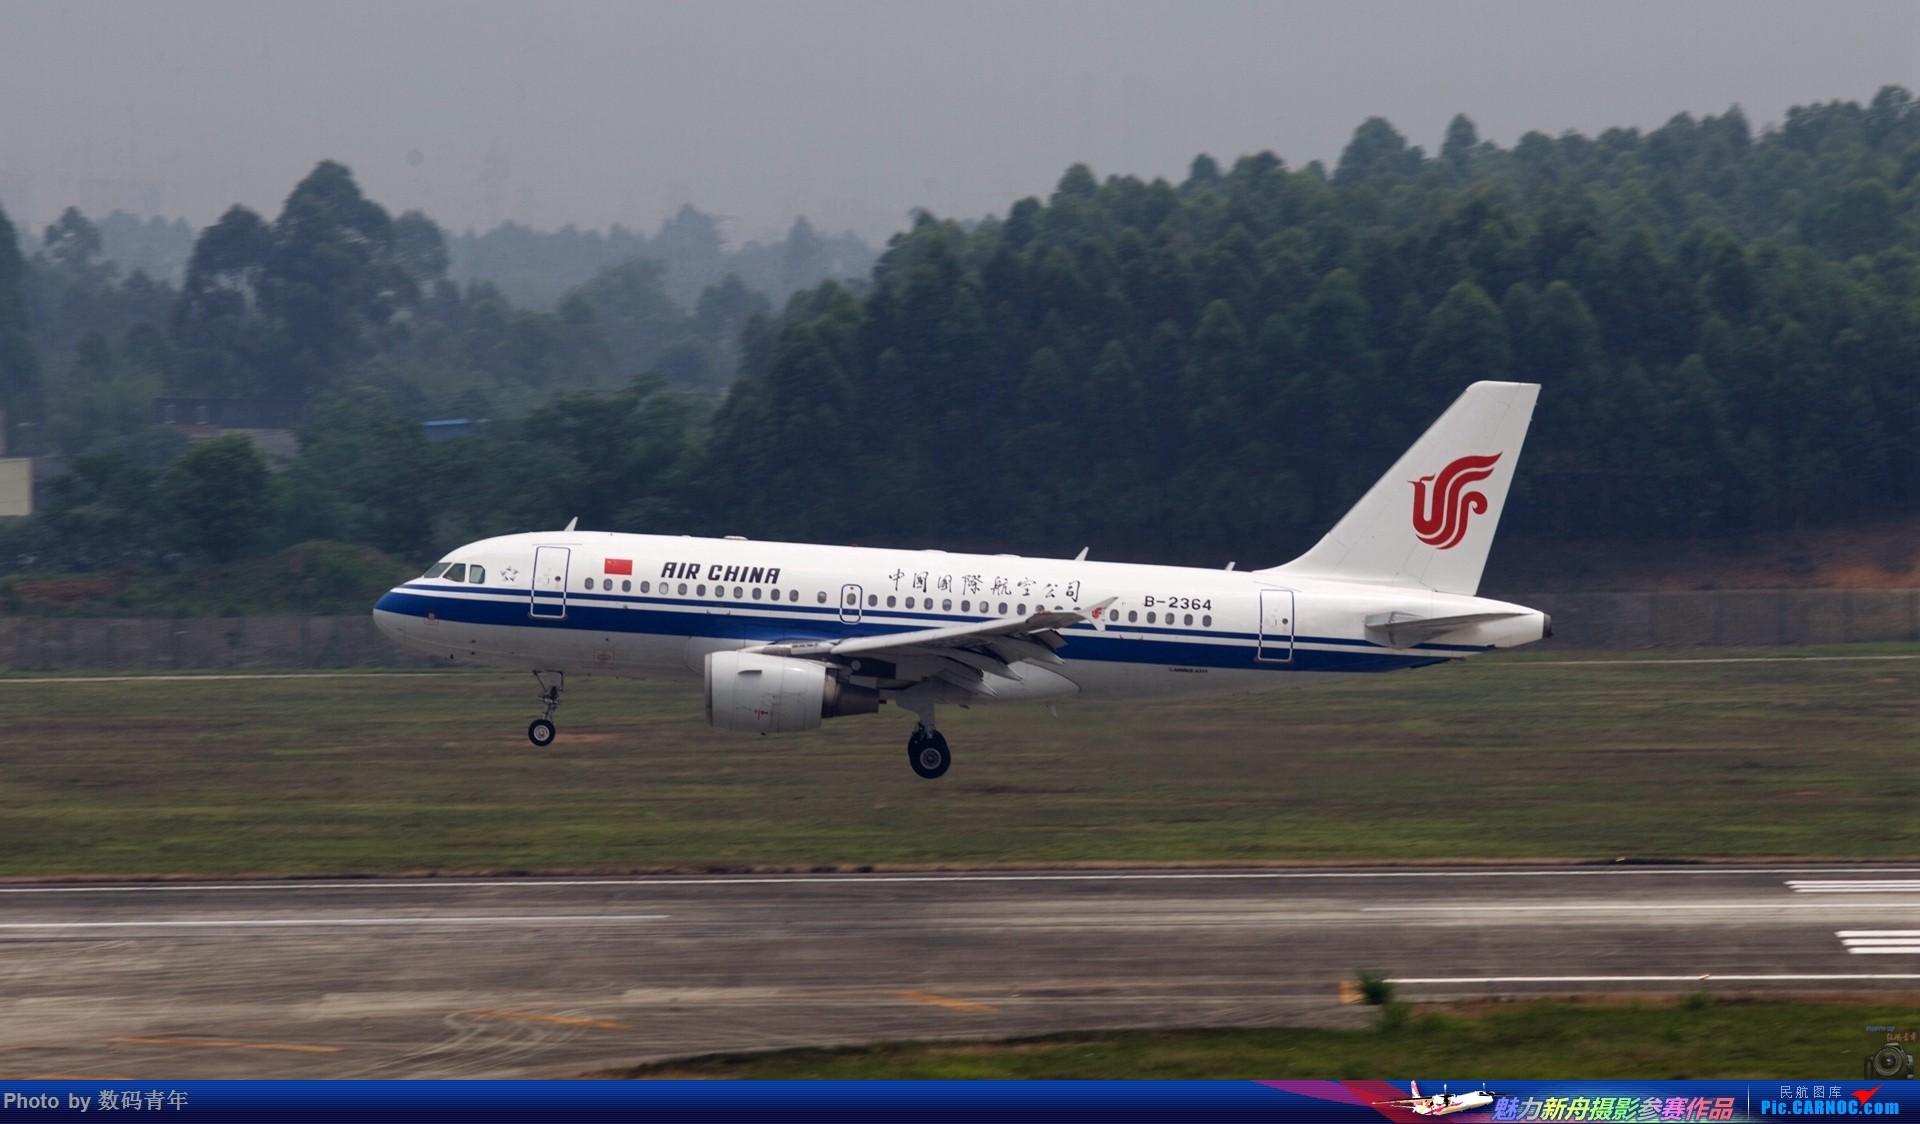 Re:[原创]重出江湖【CTU】2015.5.17打飞机 AIRBUS A319-100 B-2364 中国成都双流国际机场